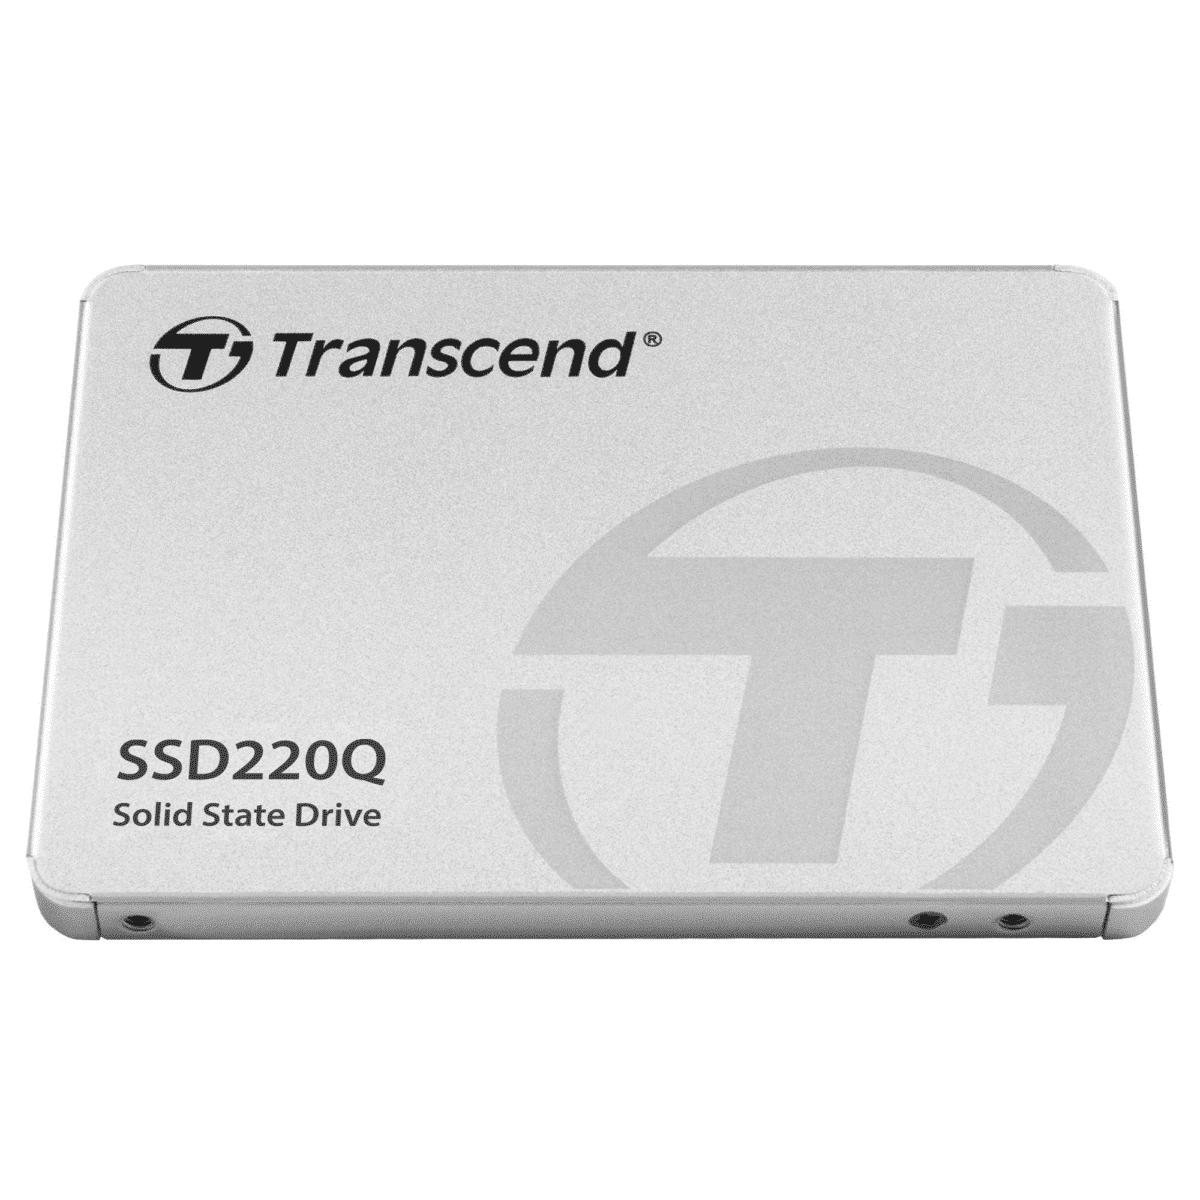 Transcend SATA III 6Gb/s 220Q 1TB Internal SSD TS1TSSD220Q